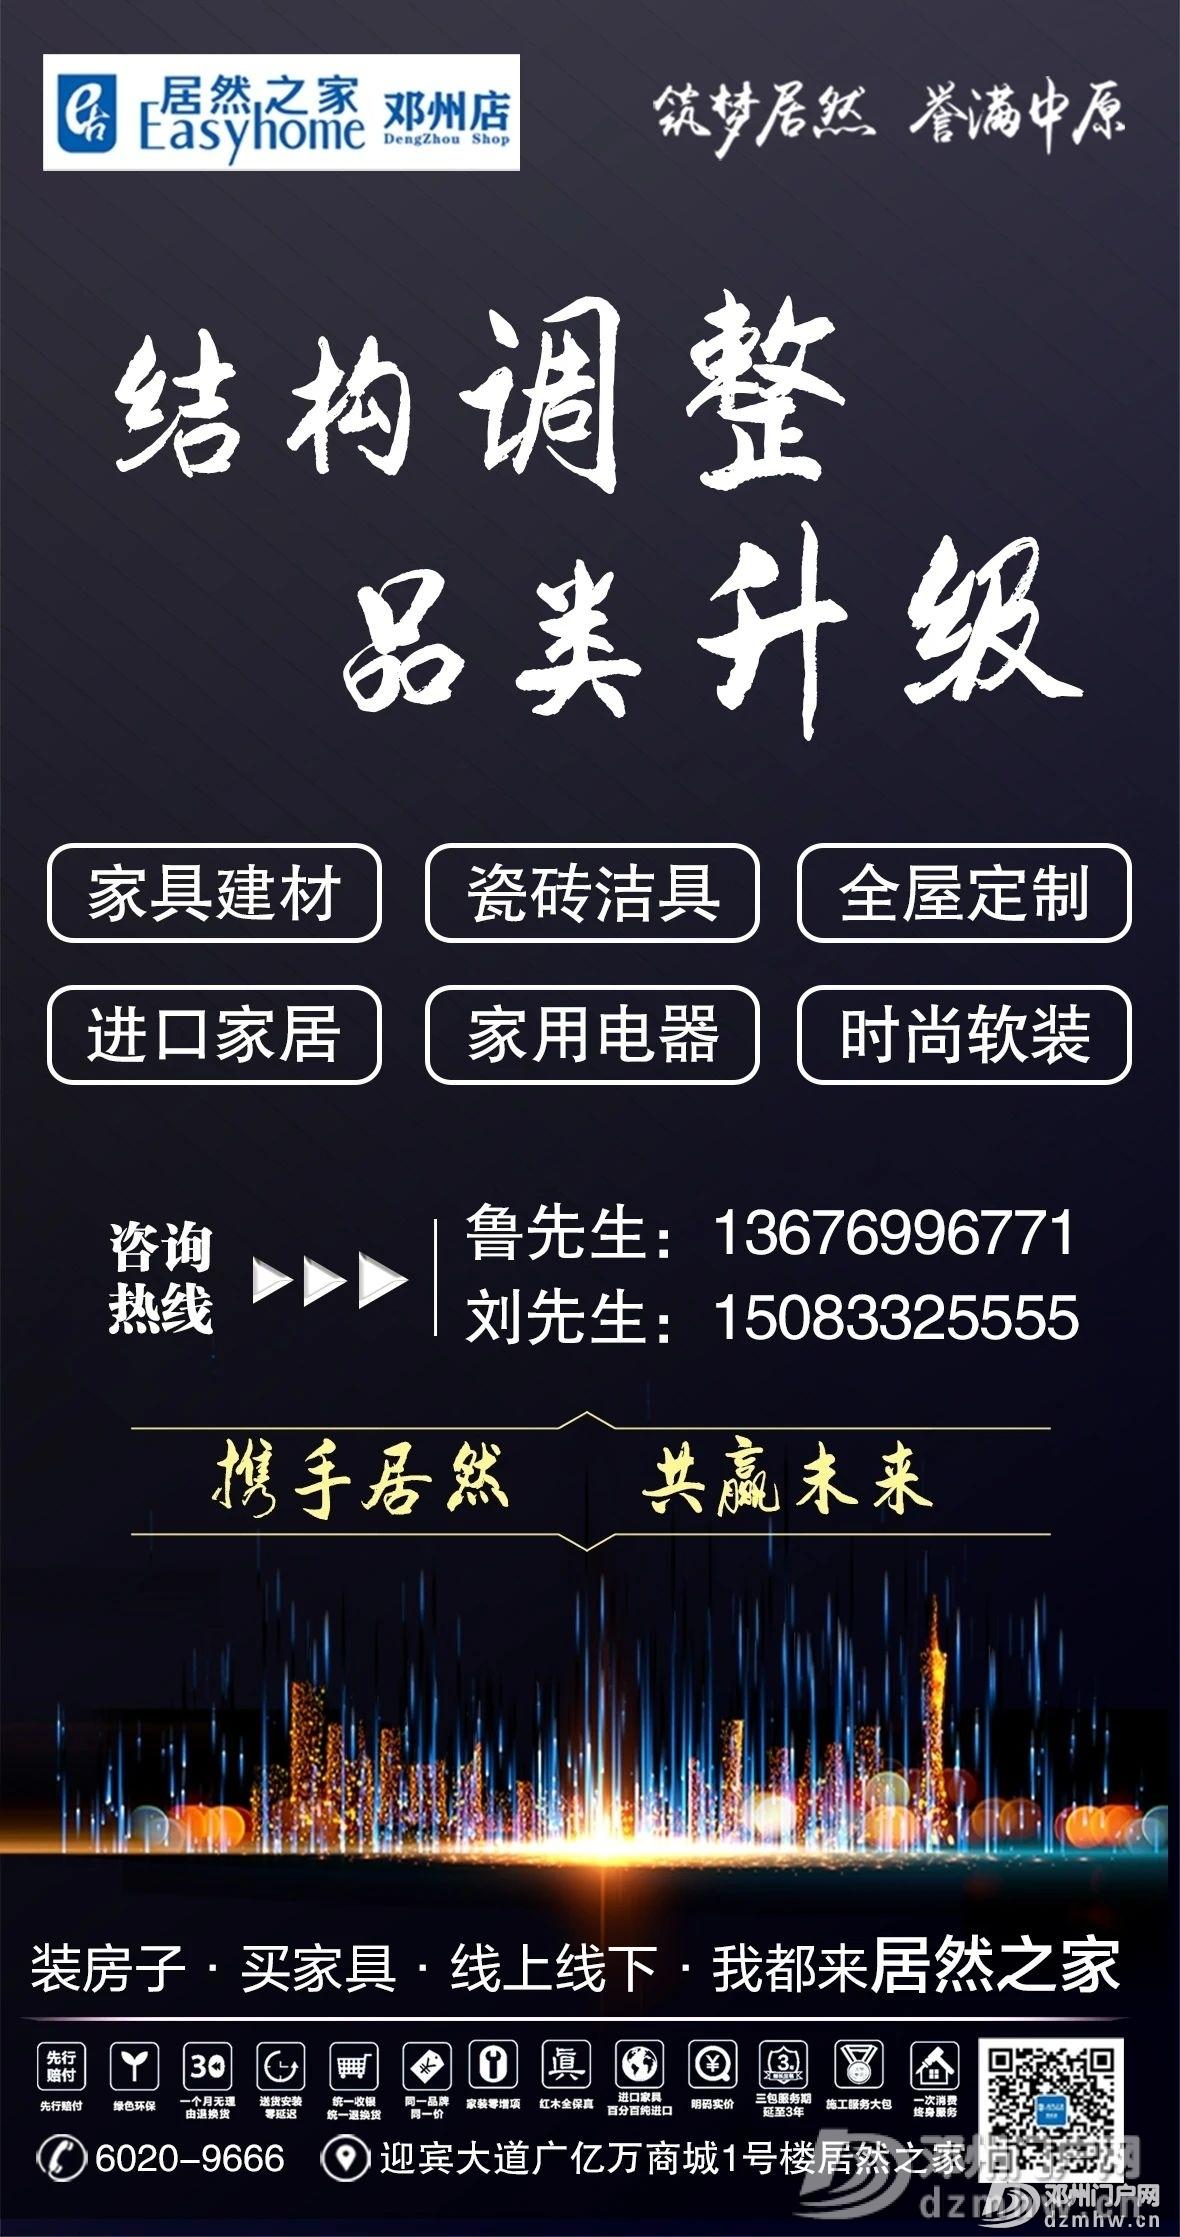 扩散这个好消息!邓州这个大商场主动减免租金和物业费! - 邓州门户网|邓州网 - e721be36591c8cd801cd81cd5d9825b5.jpg